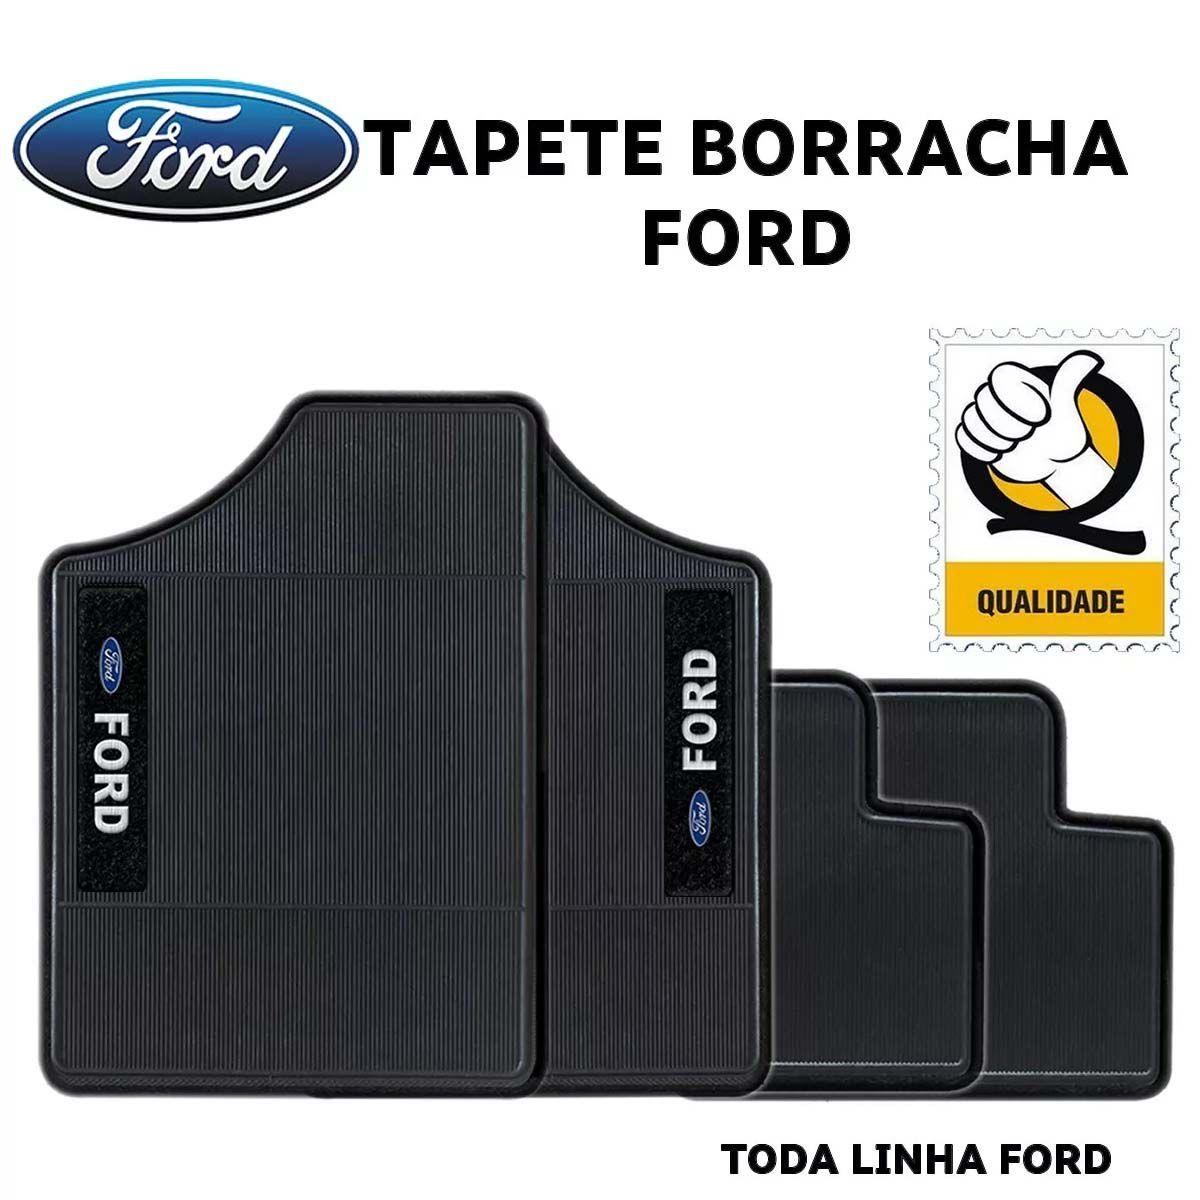 Jogo de Tapete Automotivo para Todos Carros Ford Emborrachado Preto Antiderrapante Impermeável Universal com Logo Bordado e Personalizado